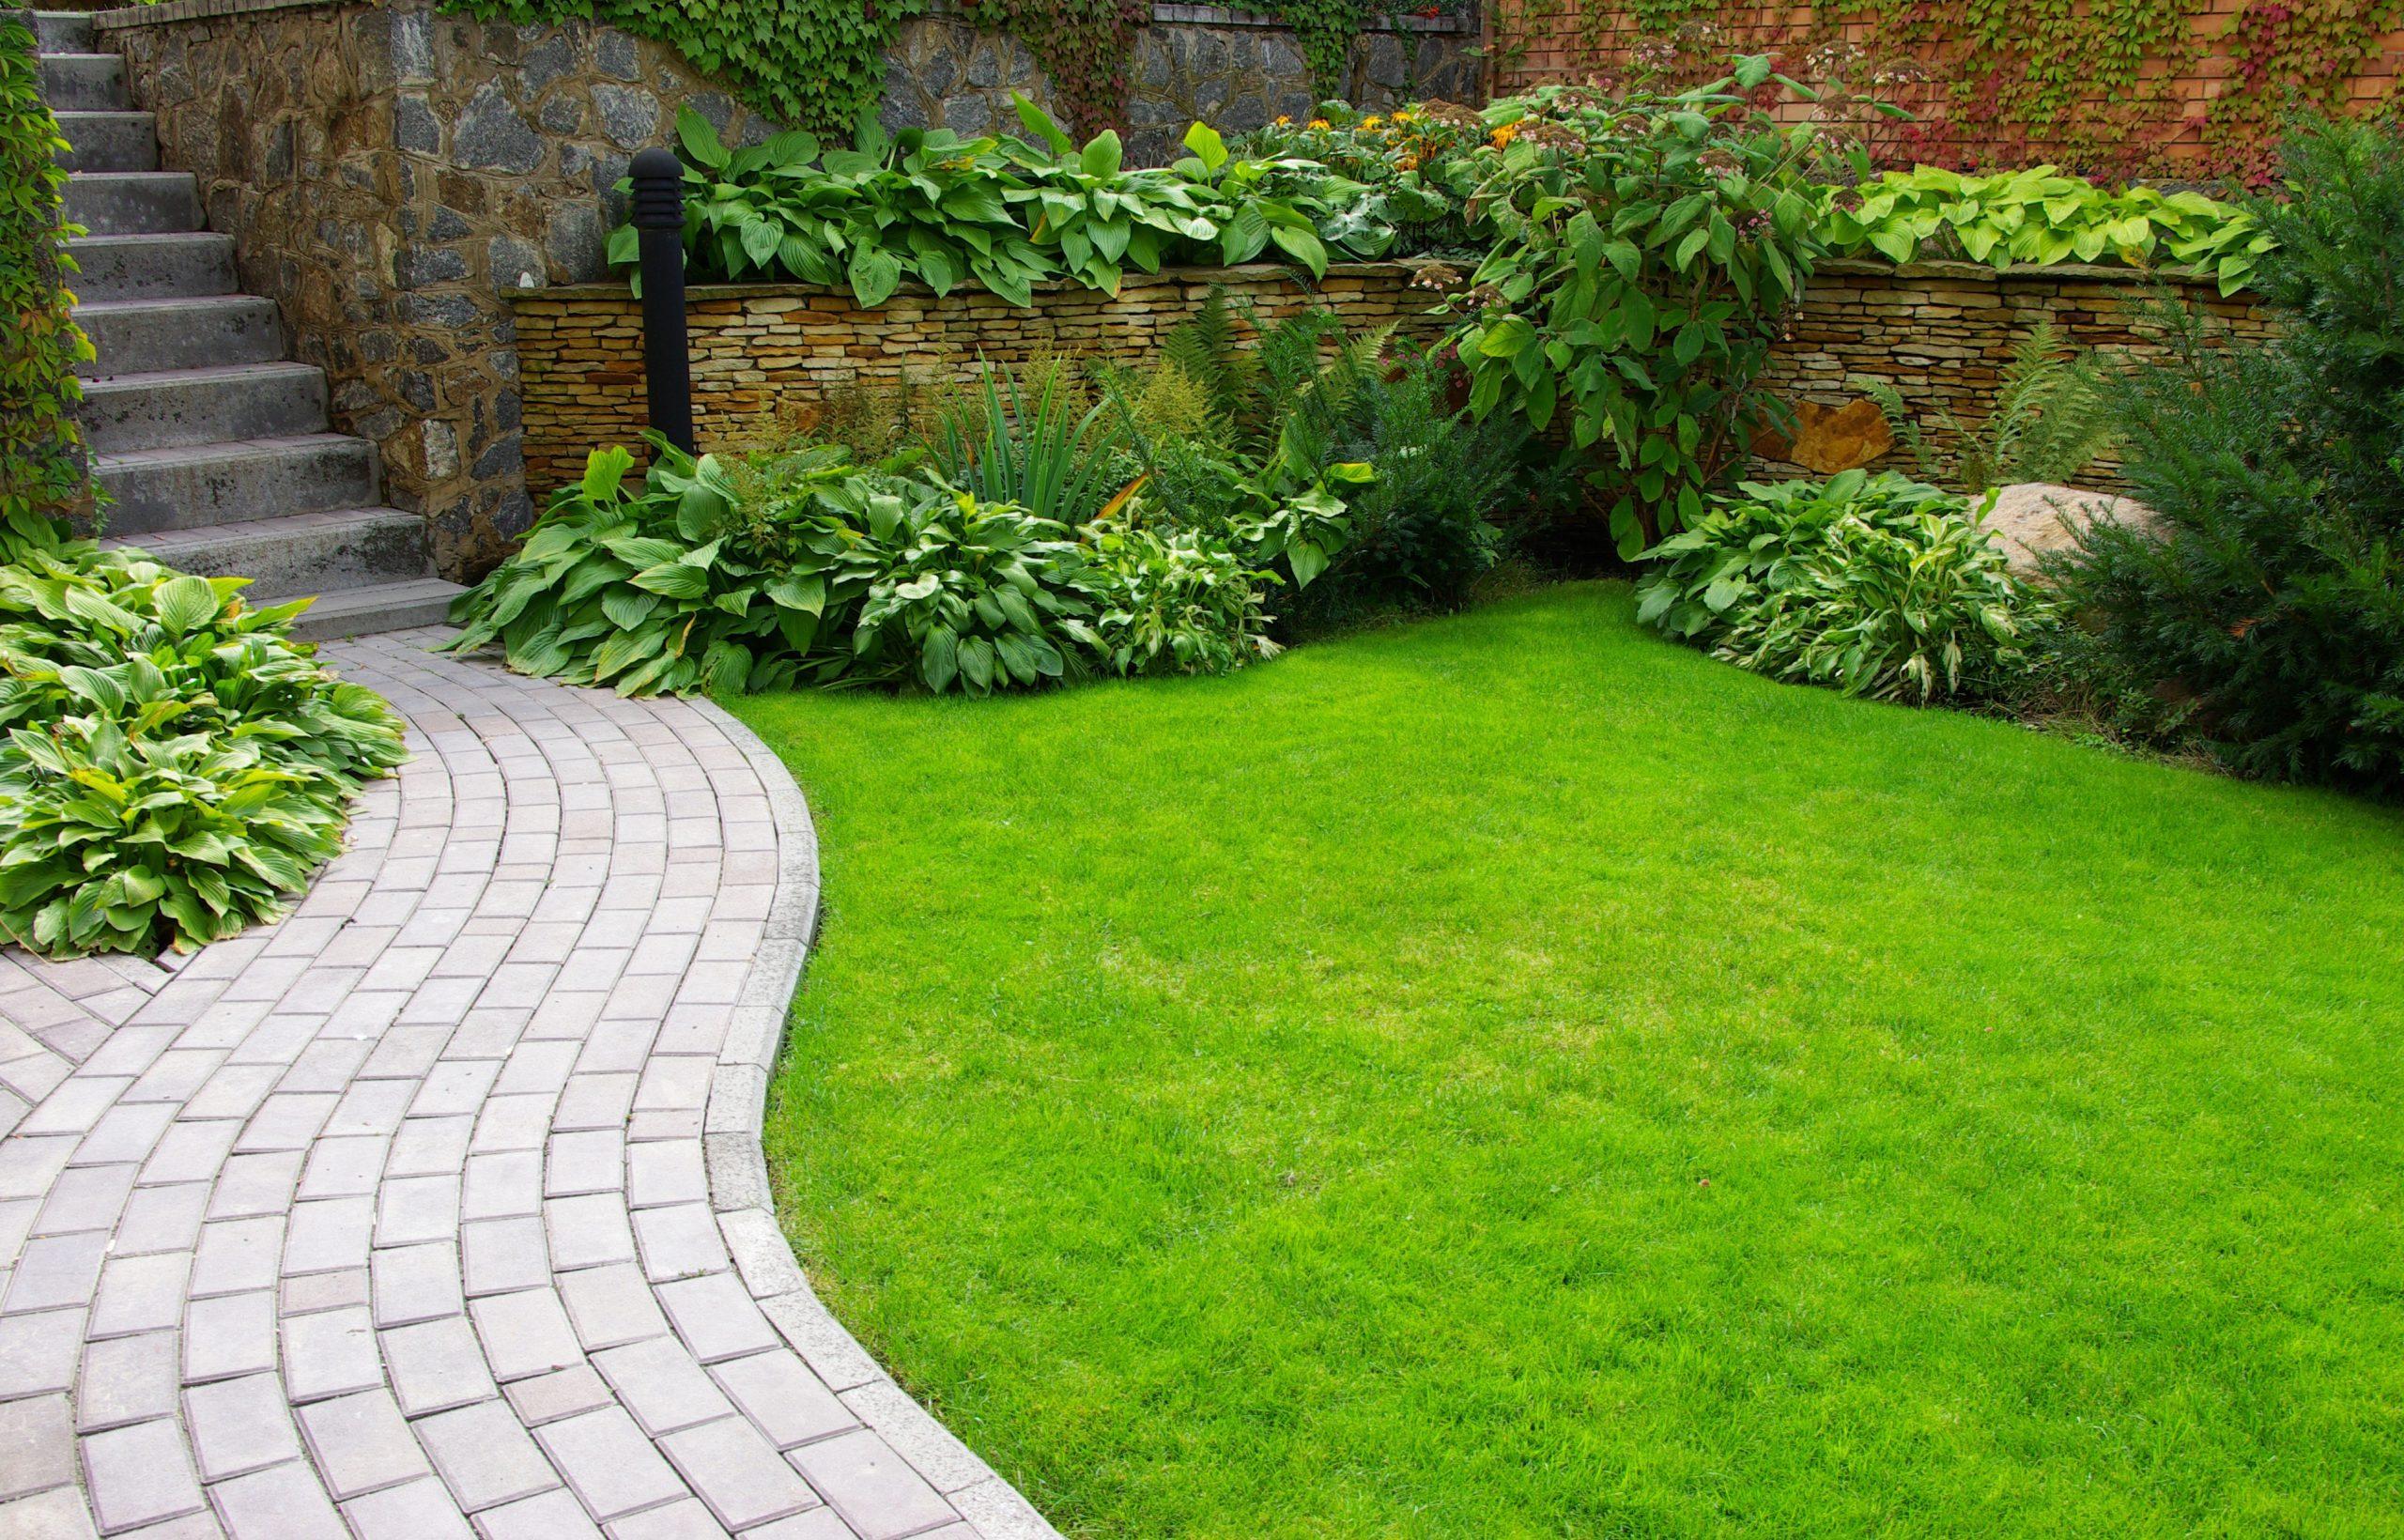 La Chaux : Quelle Utilisation Pour Mon Jardin ? - M6 Deco.fr à La Chaux Pour Le Jardin